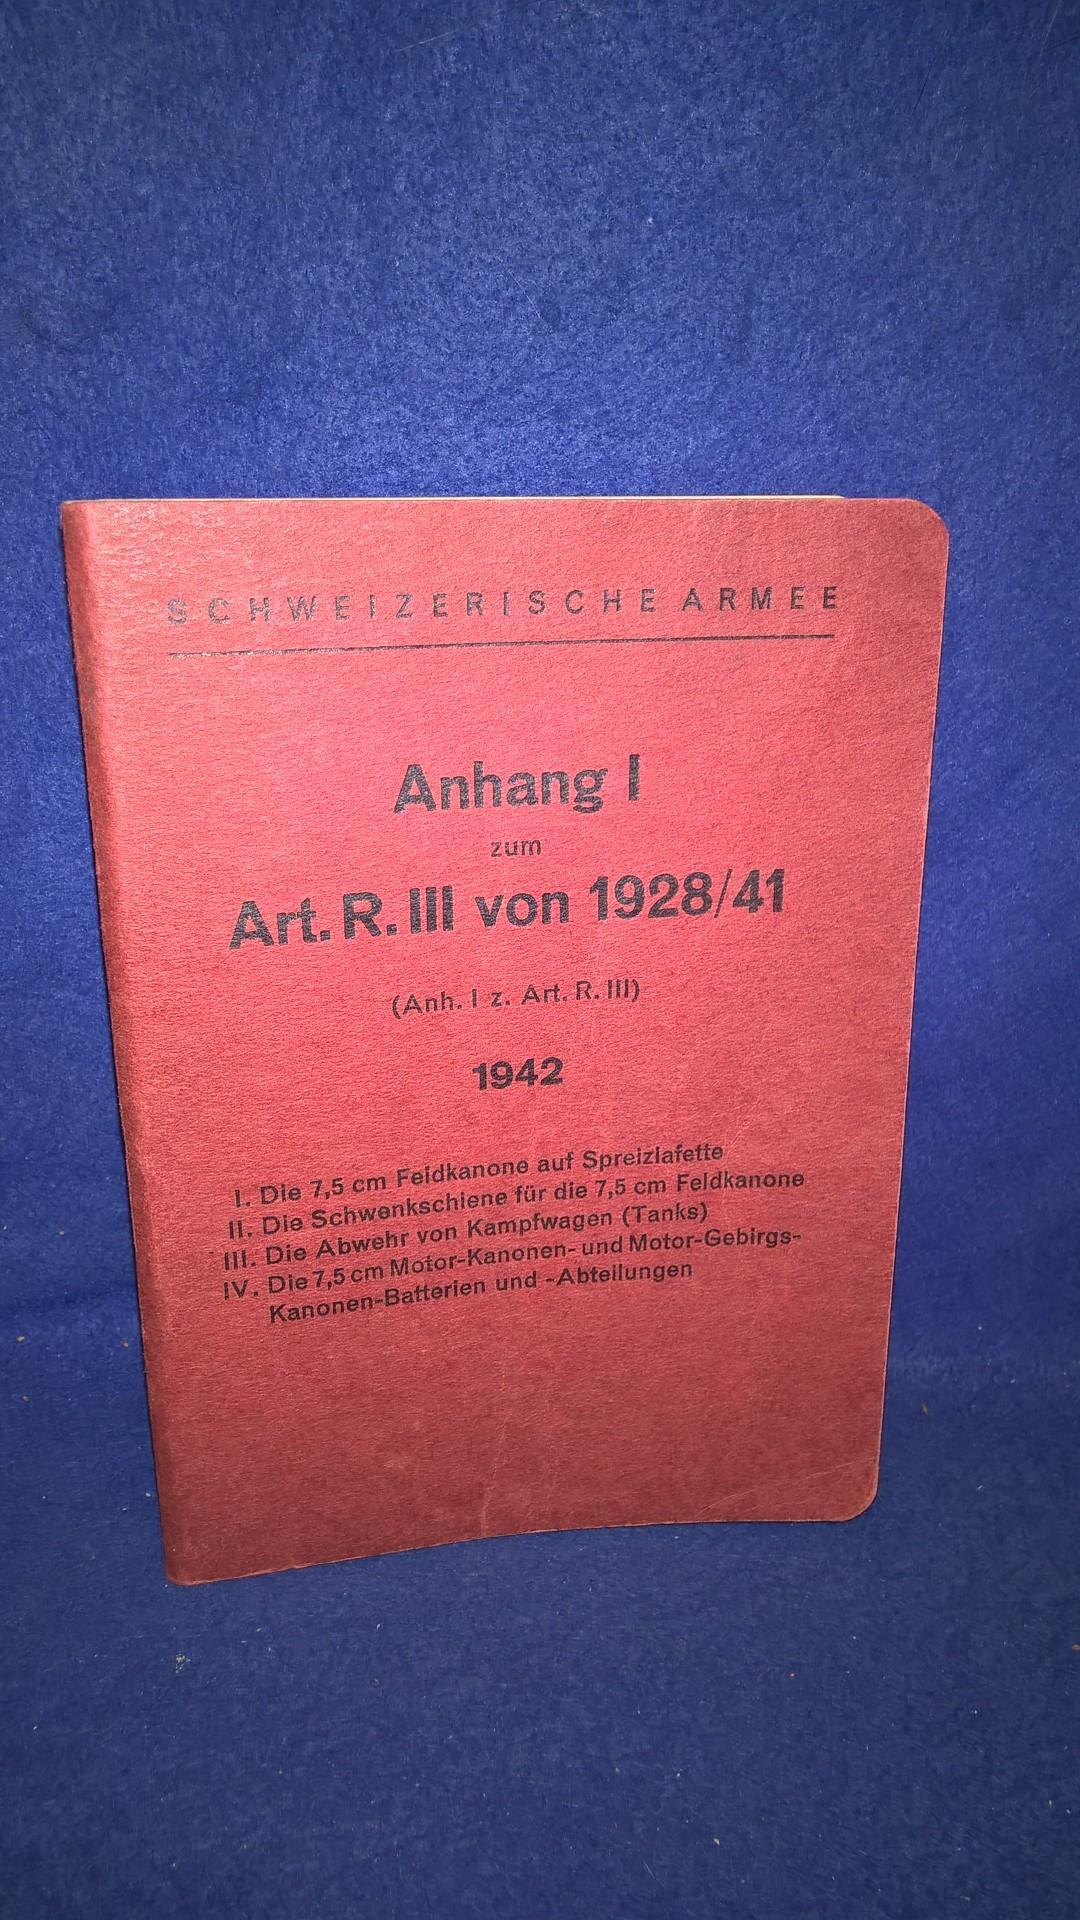 Anhang I zum Artillerie-Reglement von 1928/41. Von 1942.: Die 7,5cm Feldkanone auf Spreizlafette/ Schwenkschiene für die 7,5cm Feldkanone/ Abwehr von Kampfwagen/ Die 7,5cm Motor-Kanonen- und Motor-Gebirgs-Kanonen-Batterien und - Abteilungen.